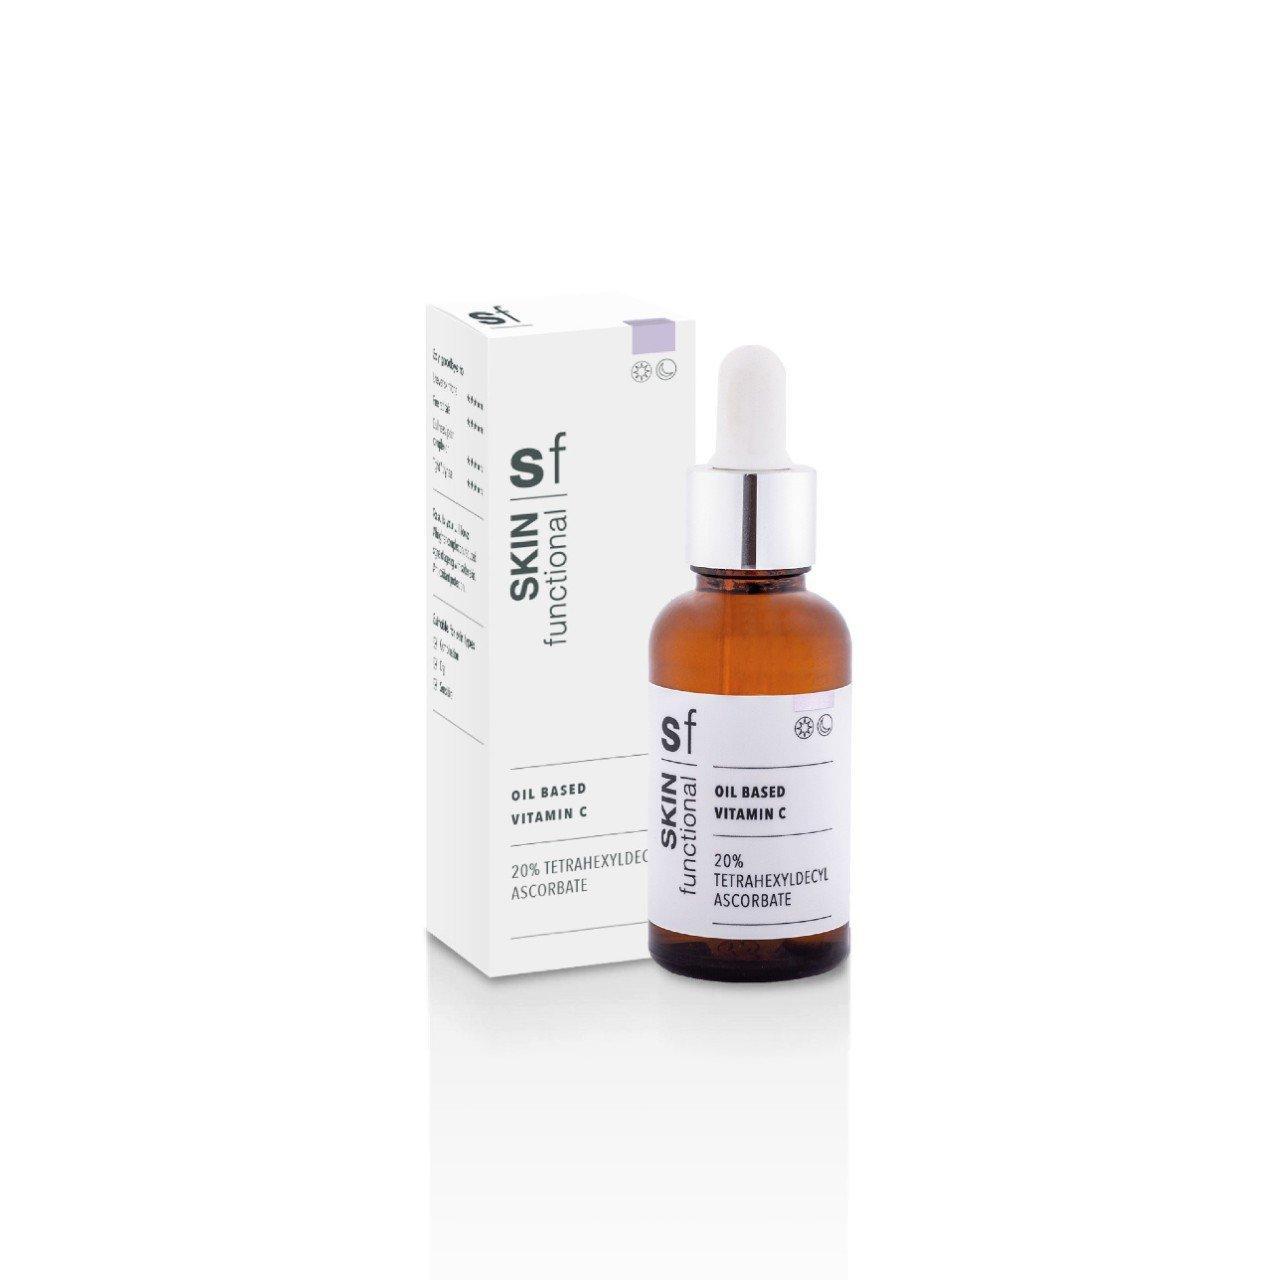 oil based vitamin c 11